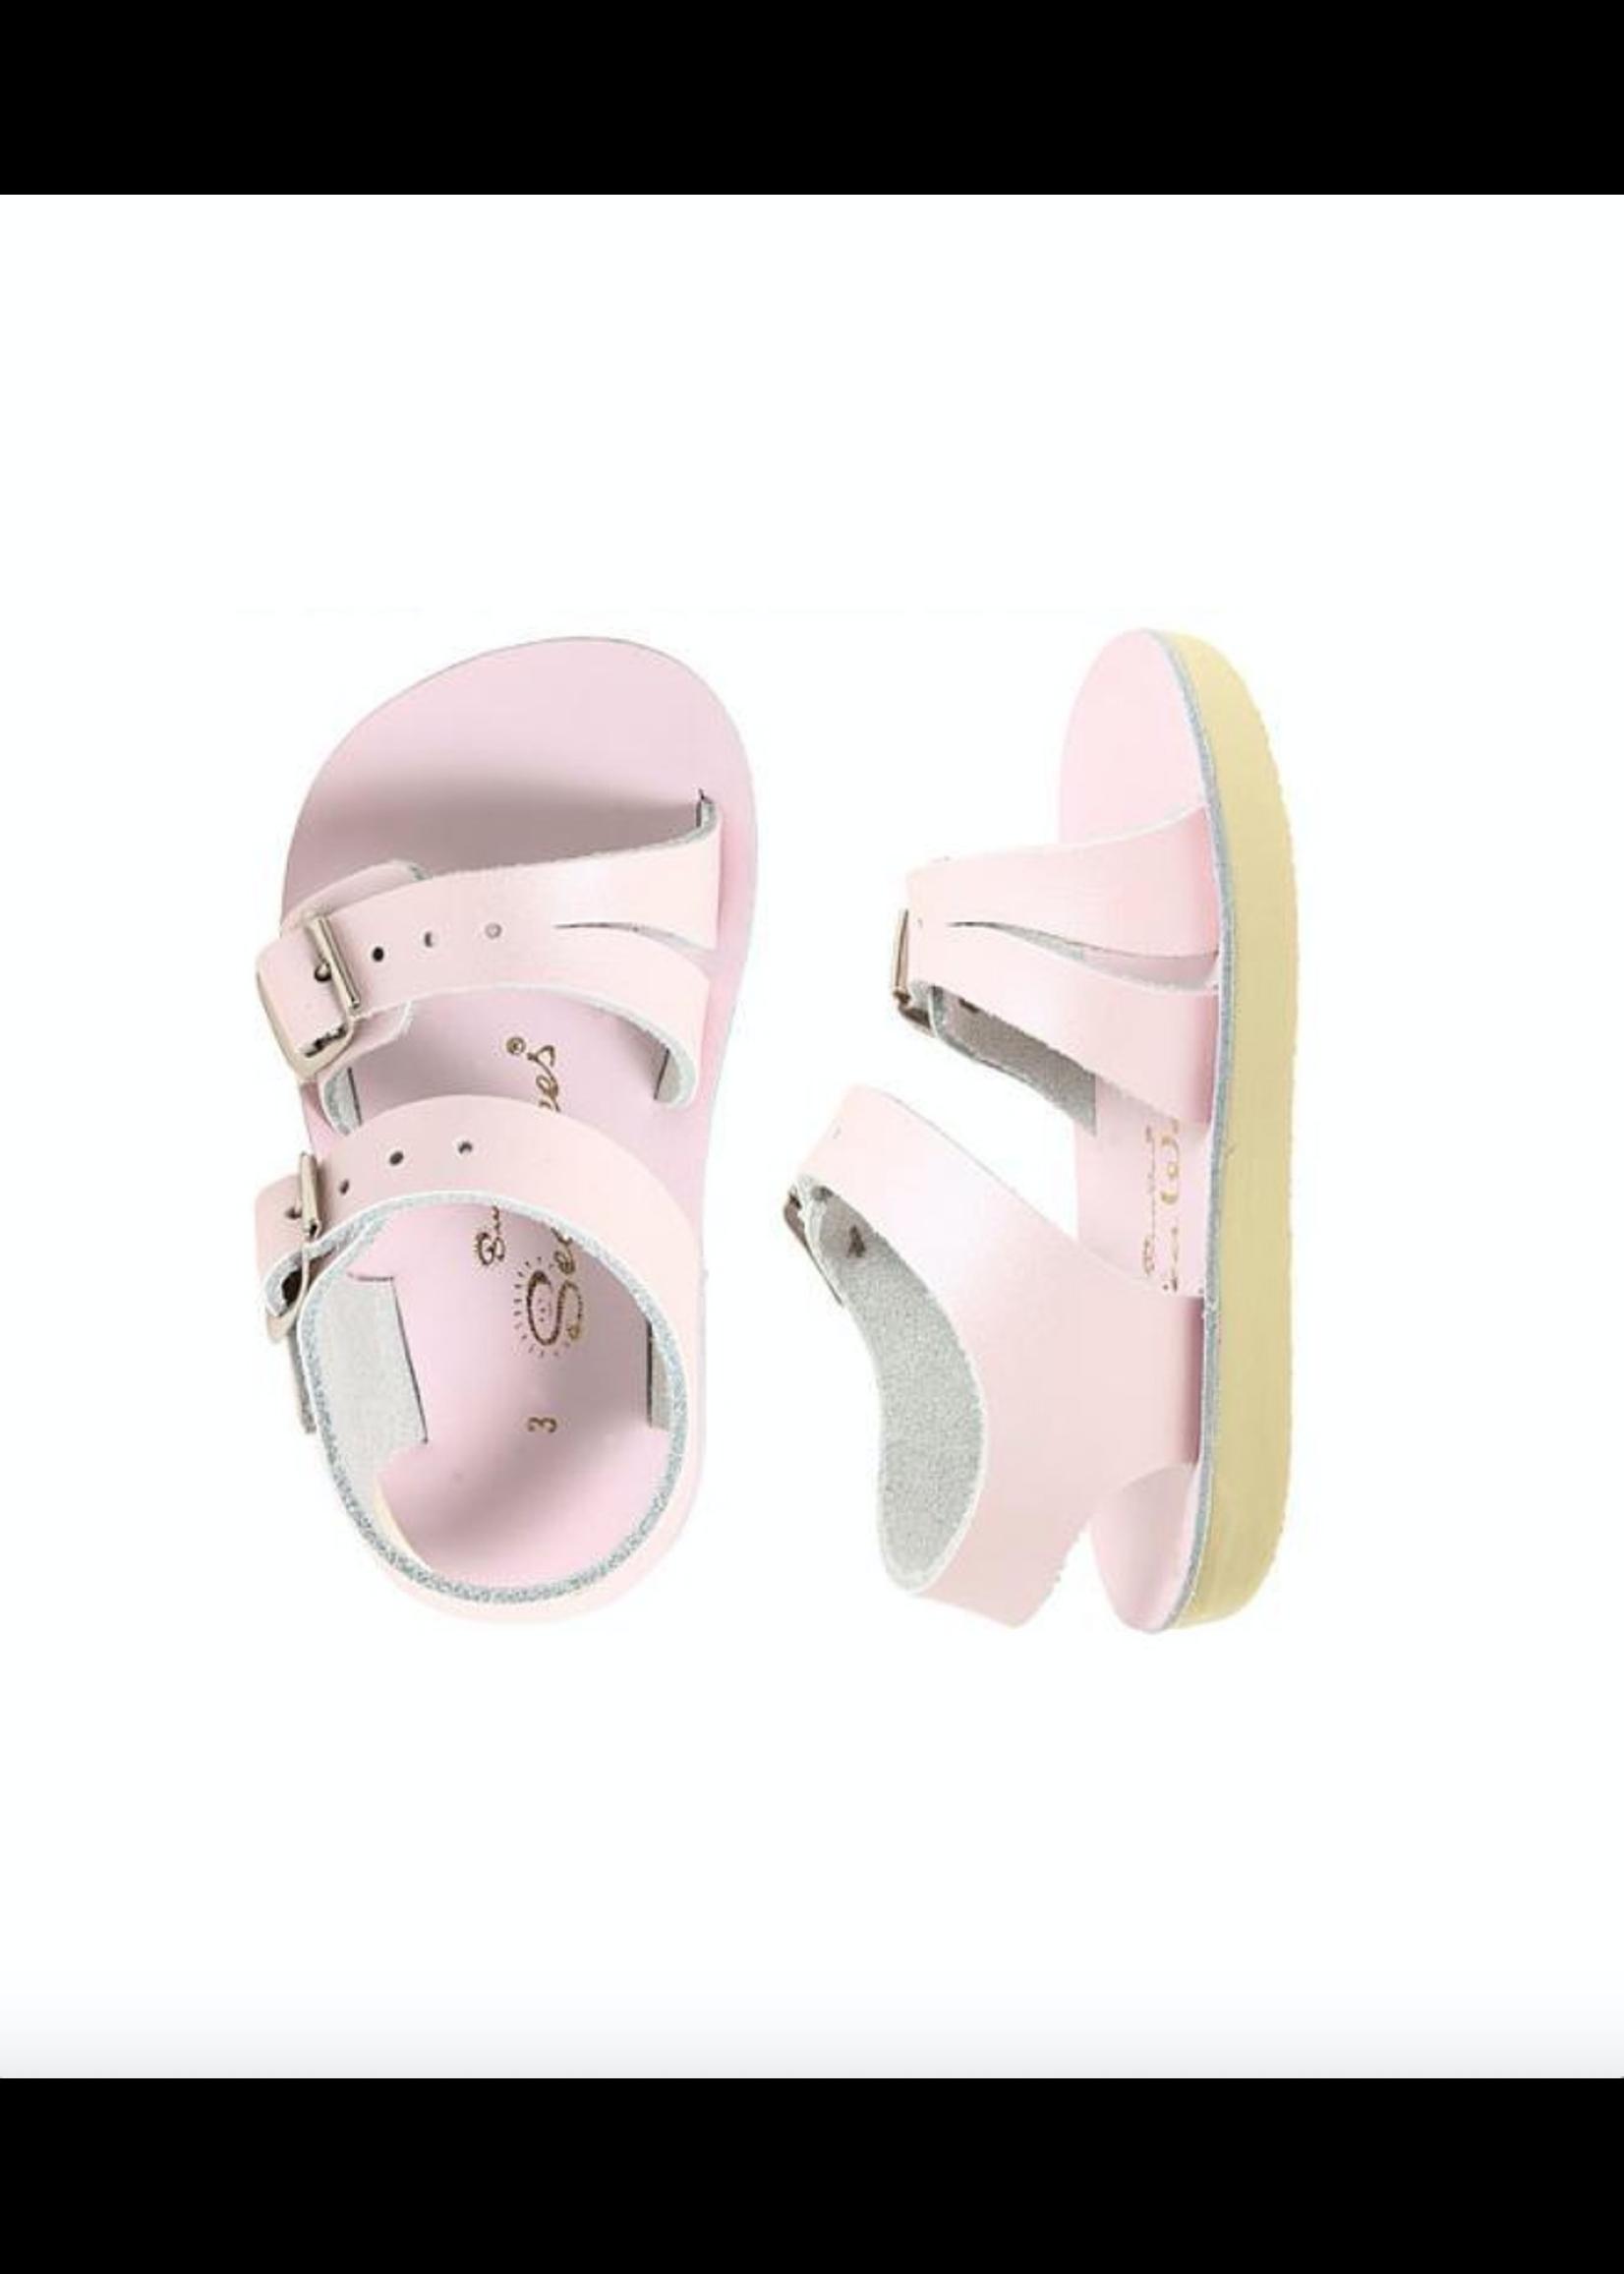 Salt Water Sandals Salt Water Sandal, Sea wees, Infant